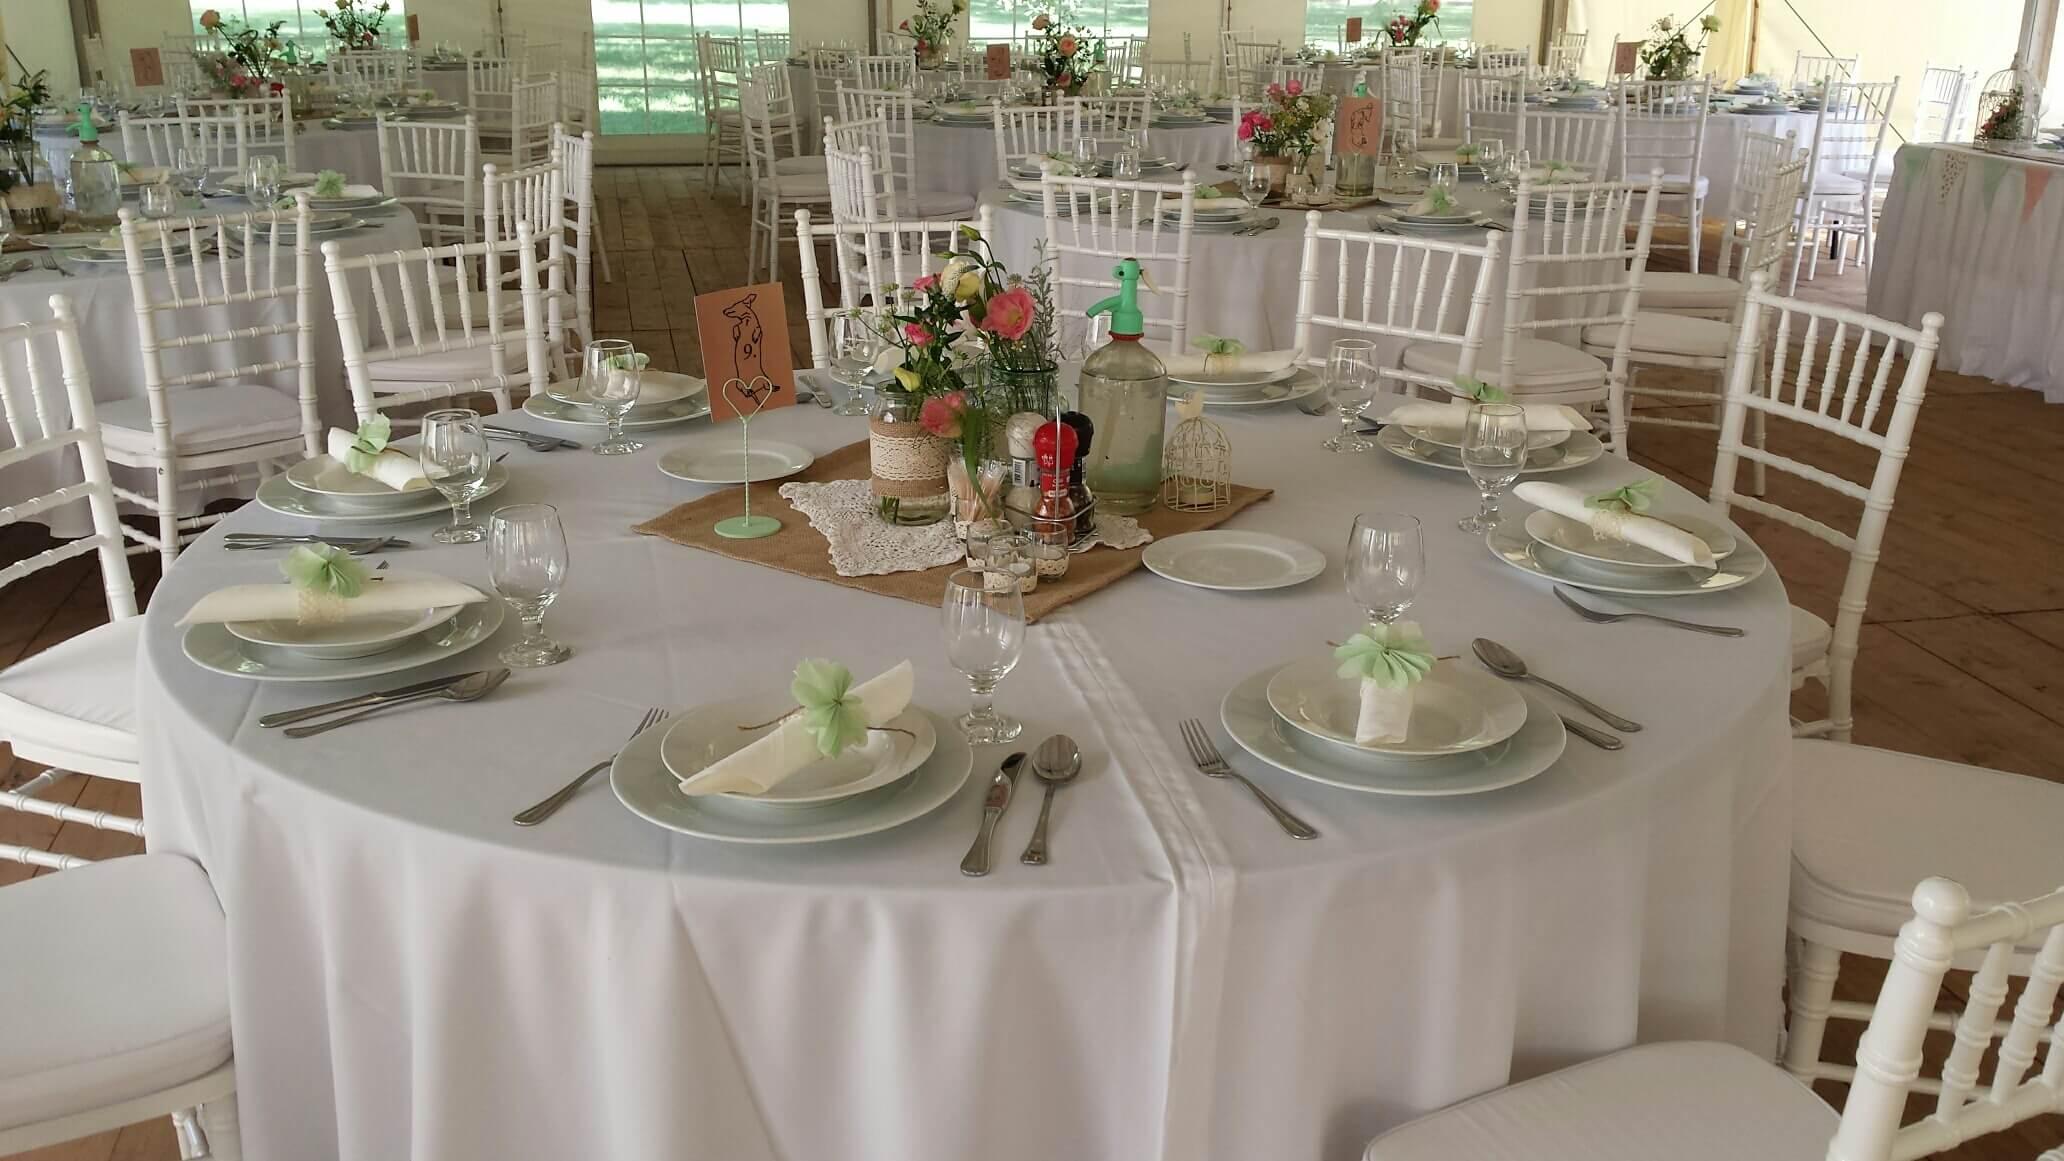 fa4f8aafb4 Almazöld vintage. Esküvői sütis asztal. Esküvői koktélautó. Esküvői vintage  sátor dekoráció. Tóparti esküvő dekoráció